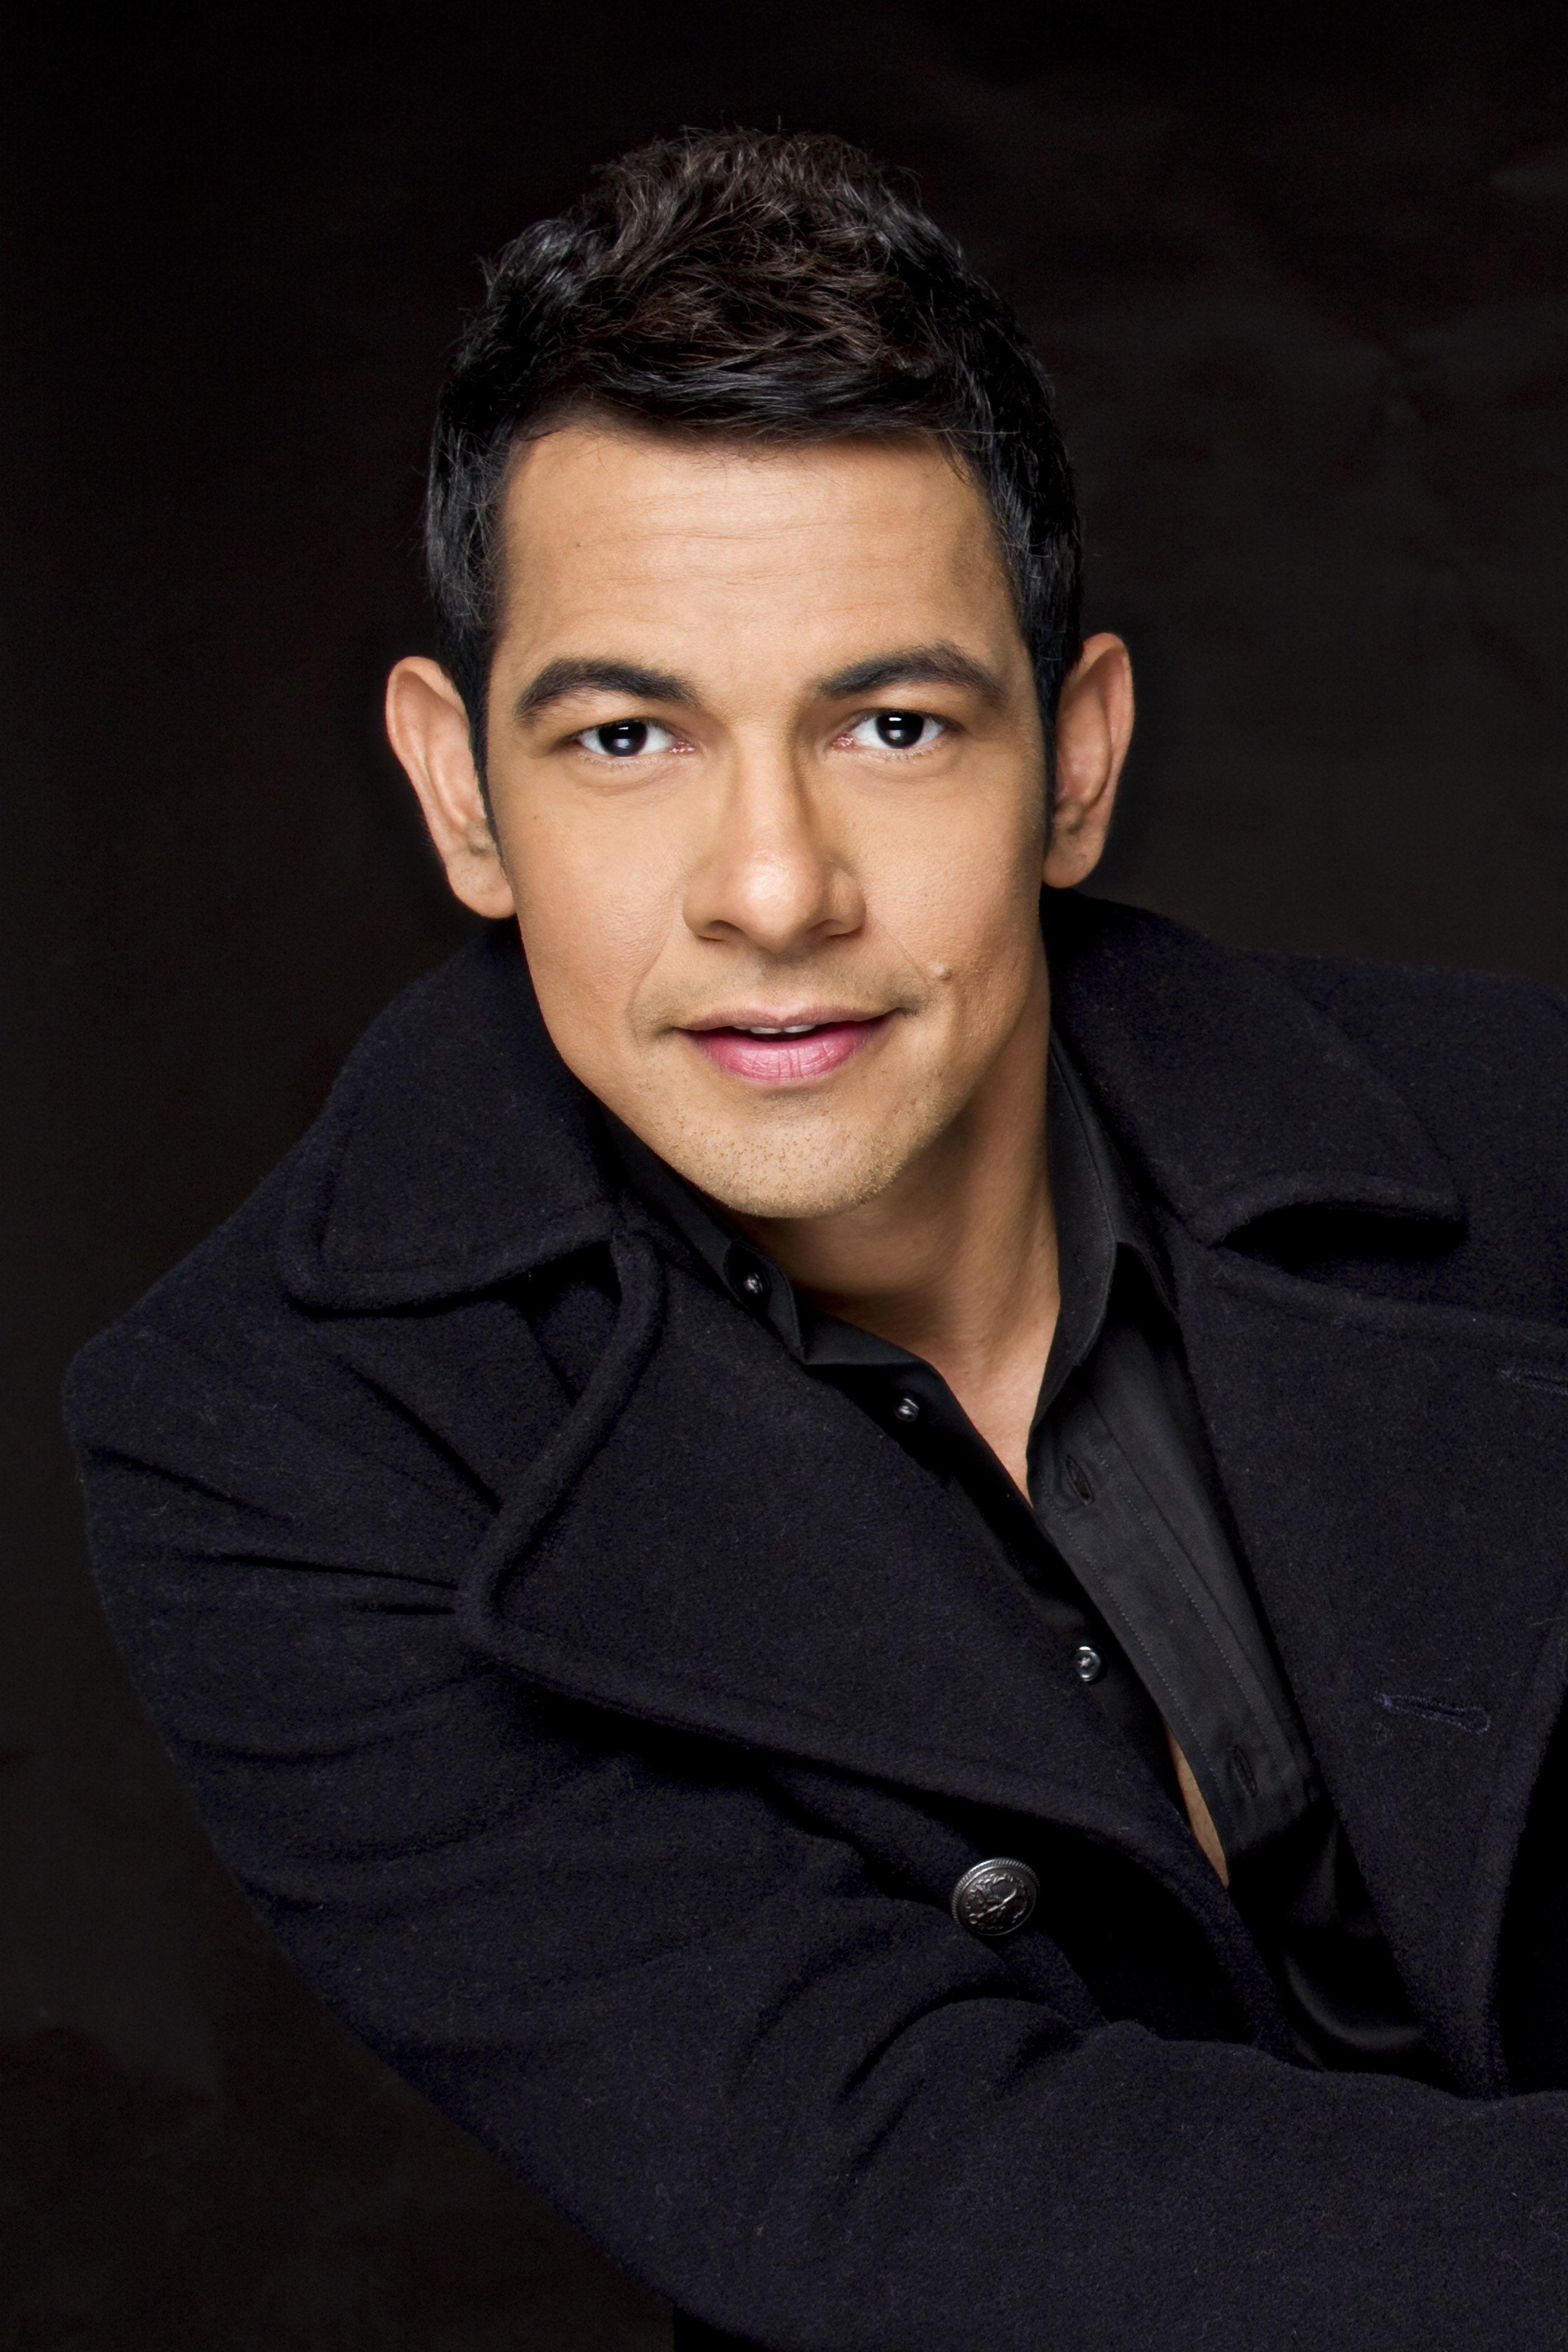 Gary Valenciano